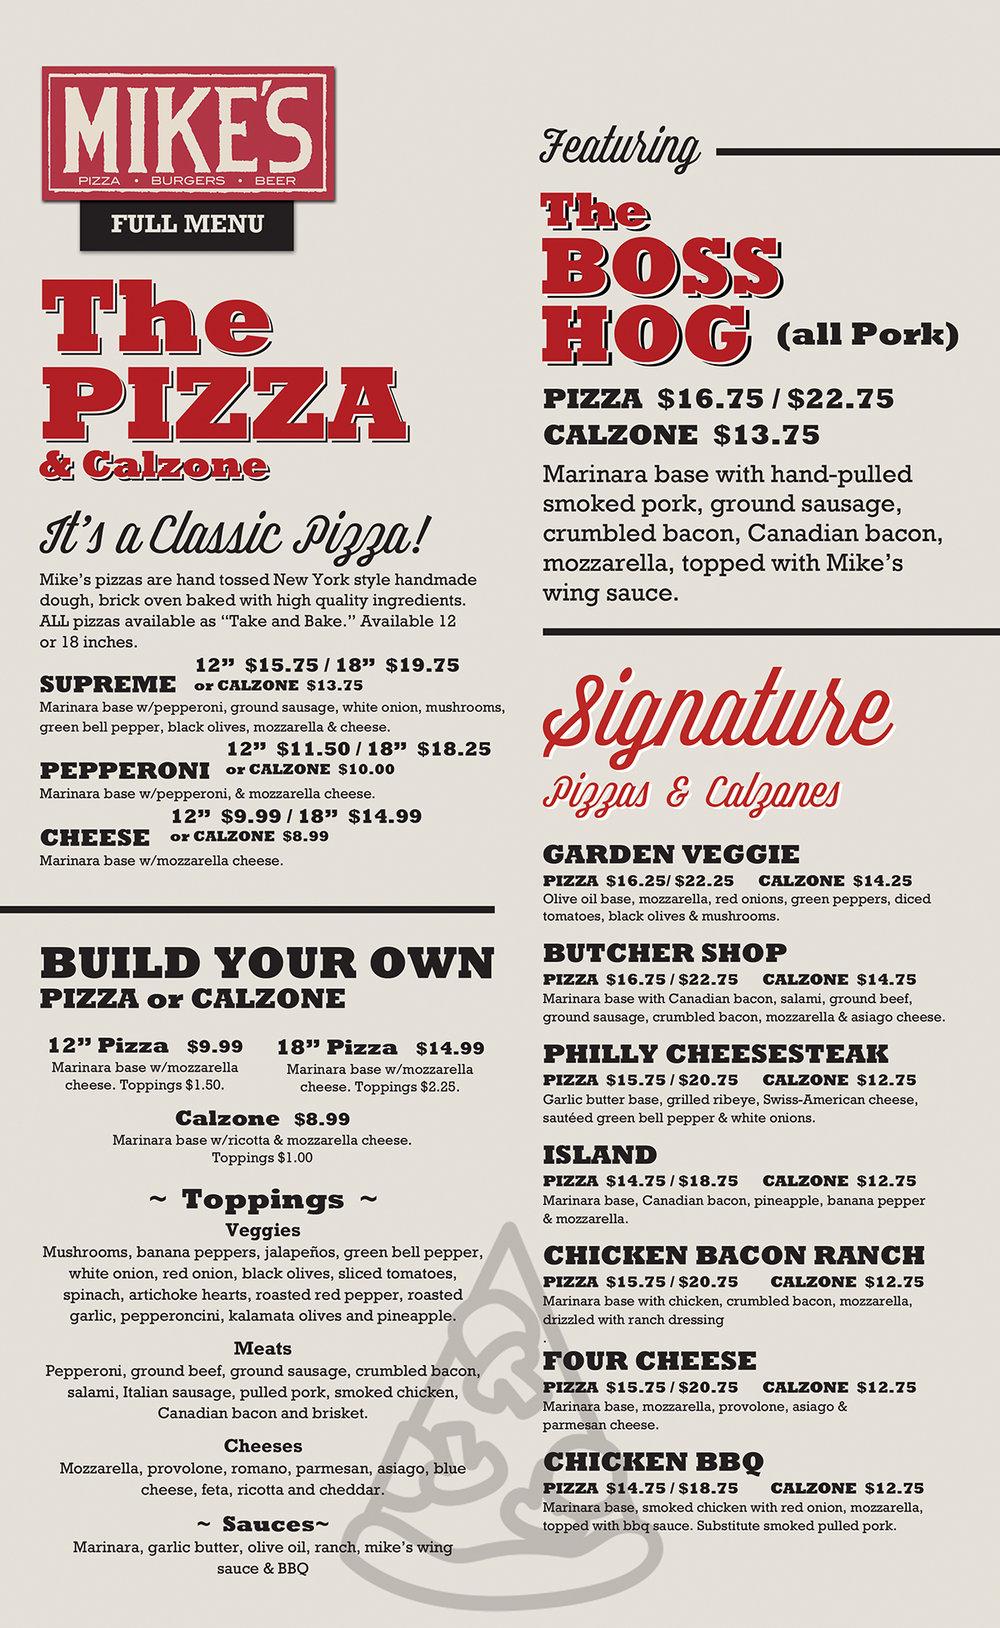 MIKES_pizzaBurger_menu_new_02_back_vFINAL_2019_FINALPRINT.jpg